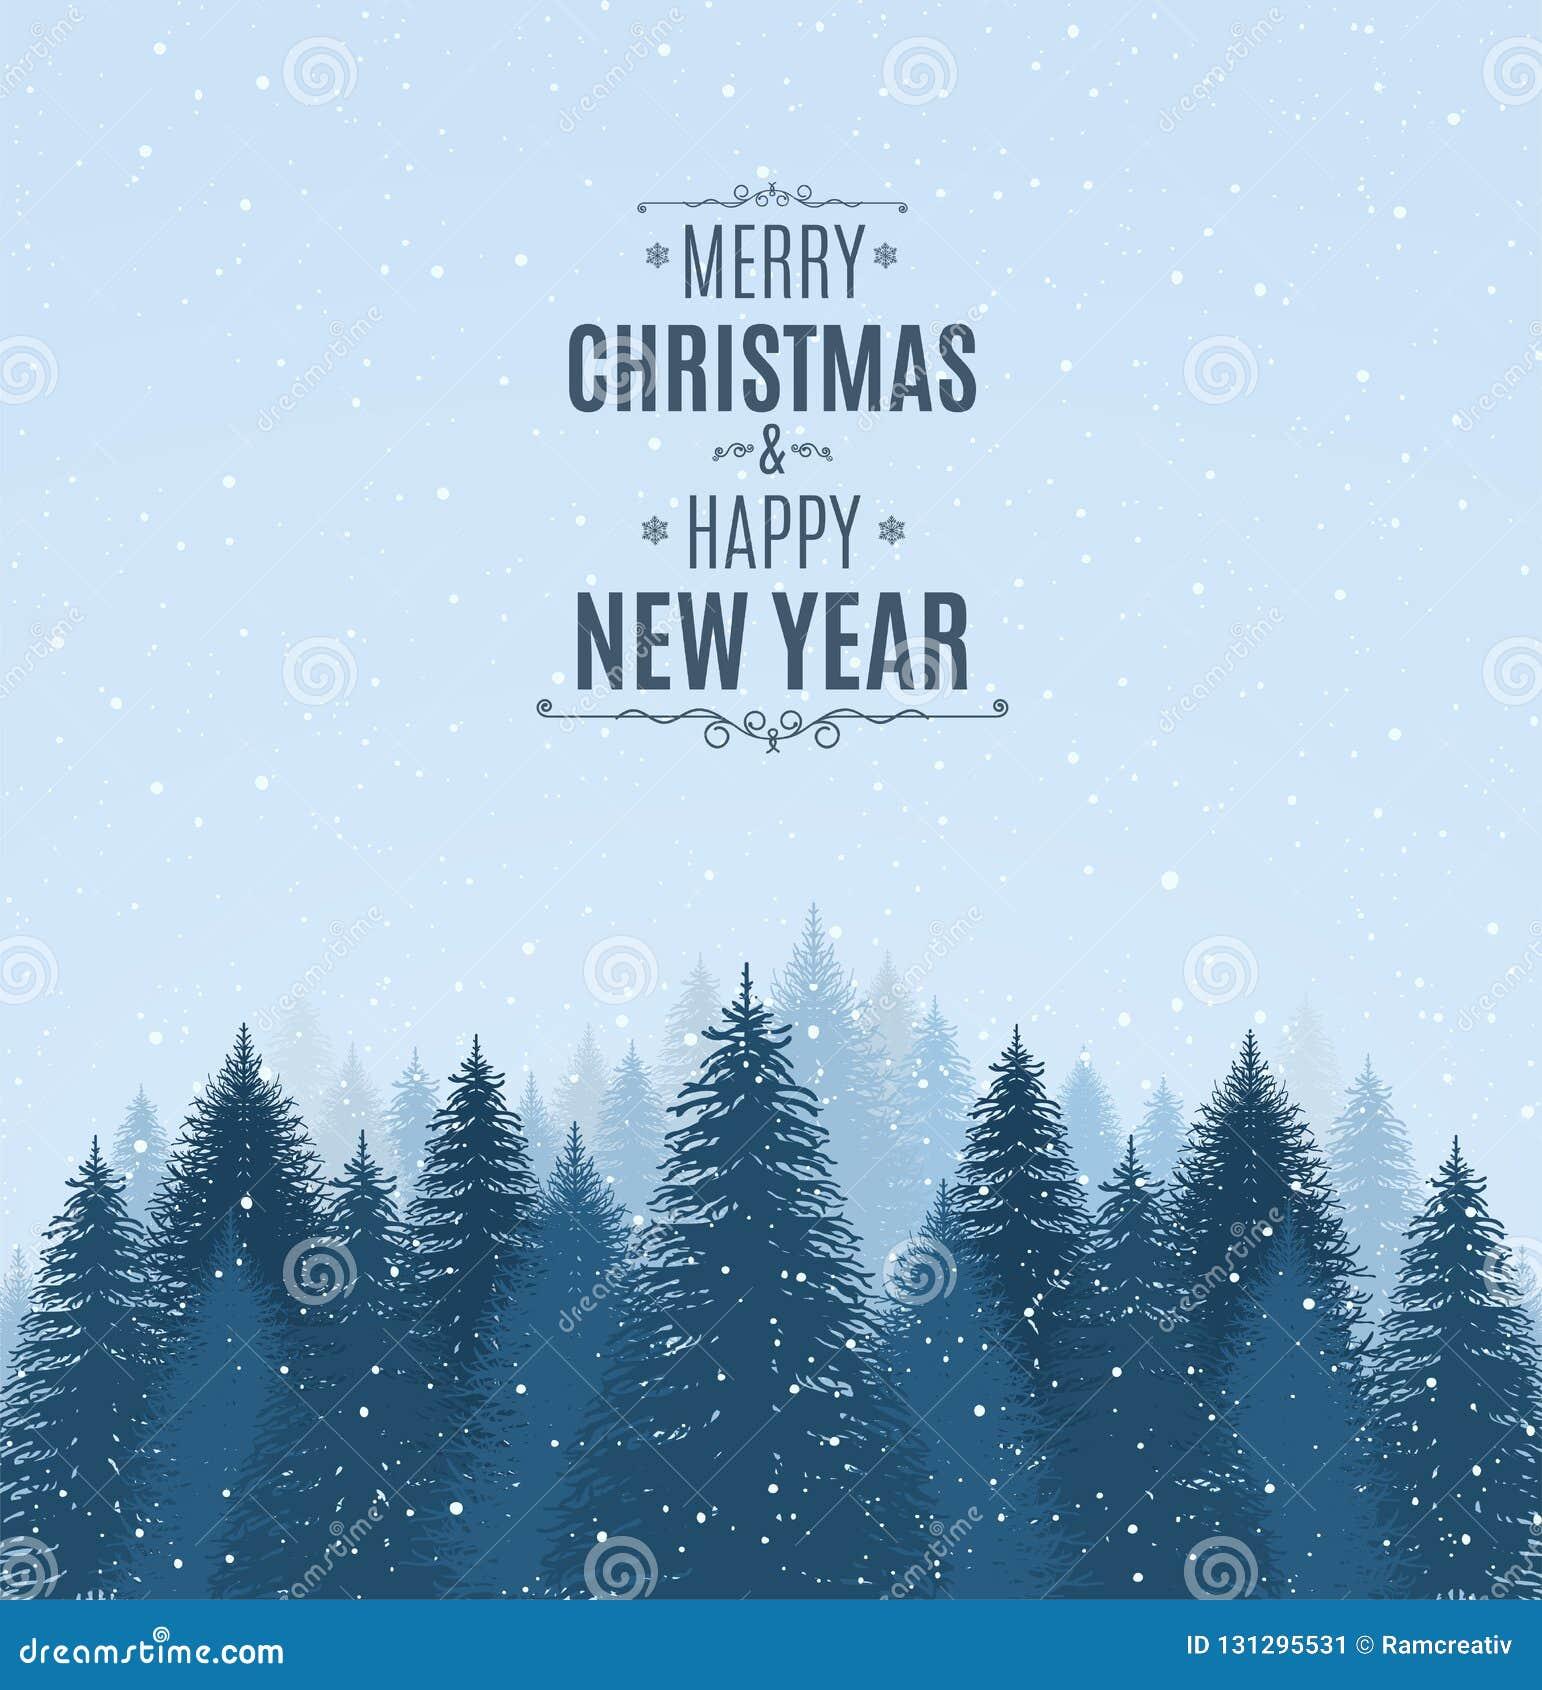 Landskapet med blått snöig sörjer, granar, barrskogen, fallande snö Glad jul för ferievinterskog och lyckligt nytt år